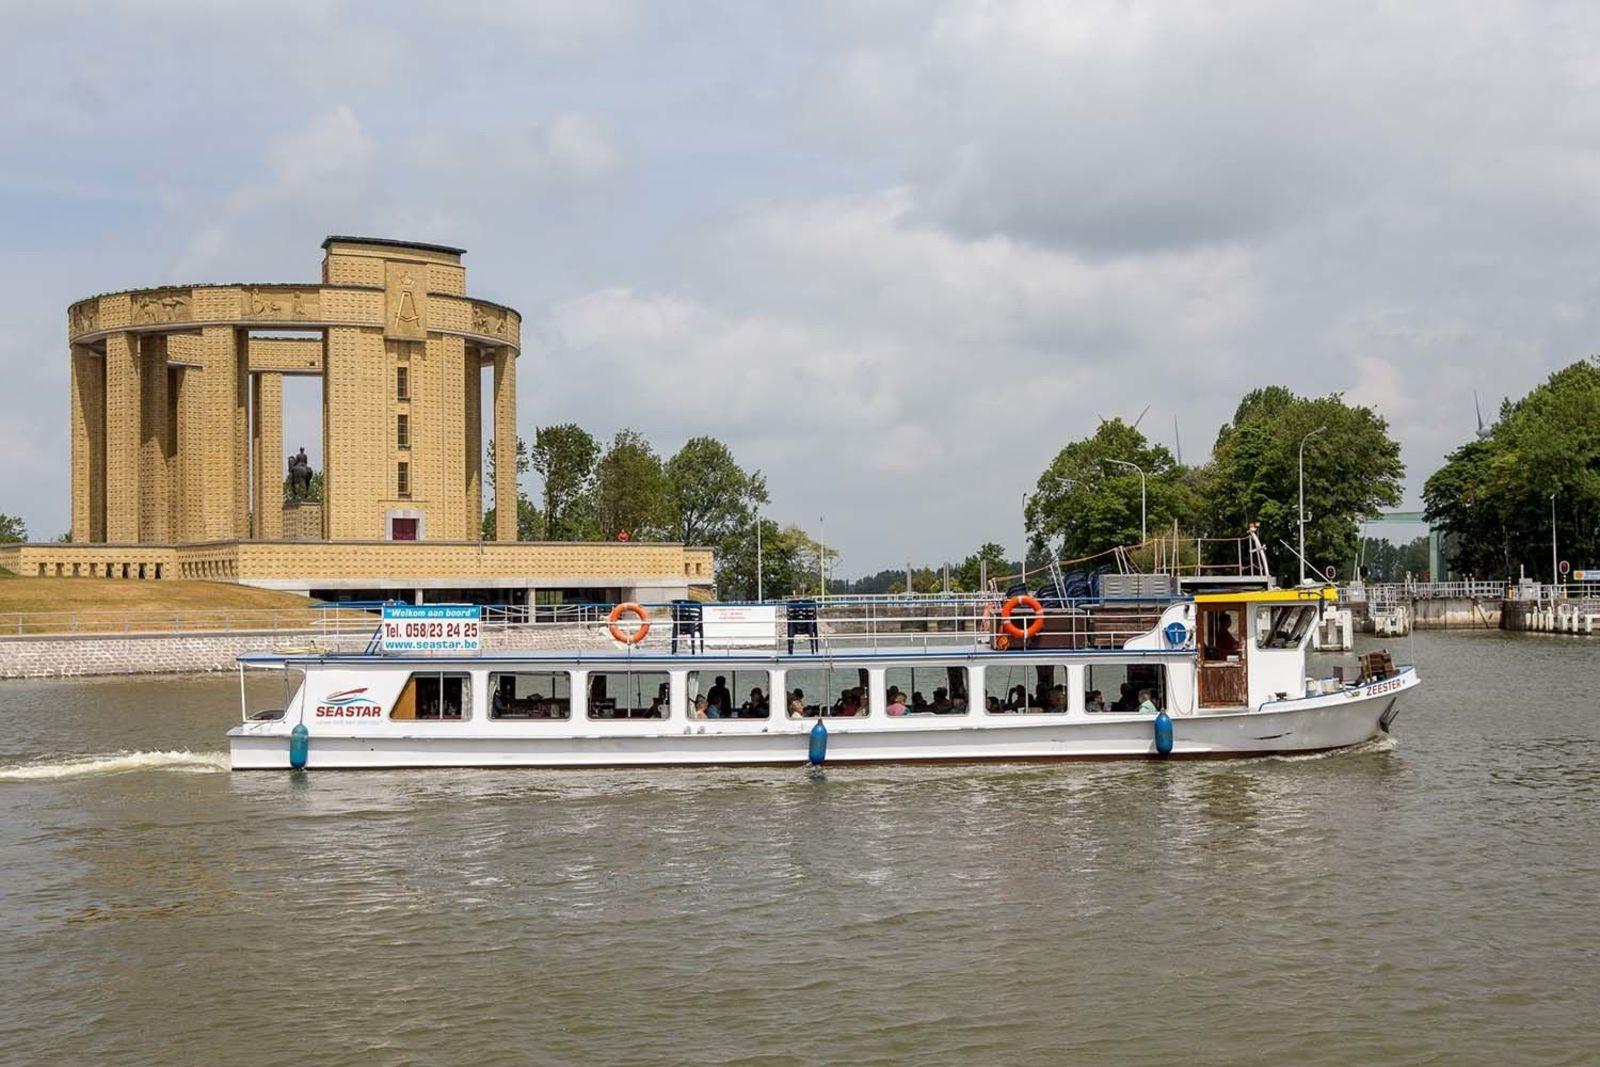 Boat excursion Harbour of Nieuwpoort (Seastar) Package Deal Jabbeke